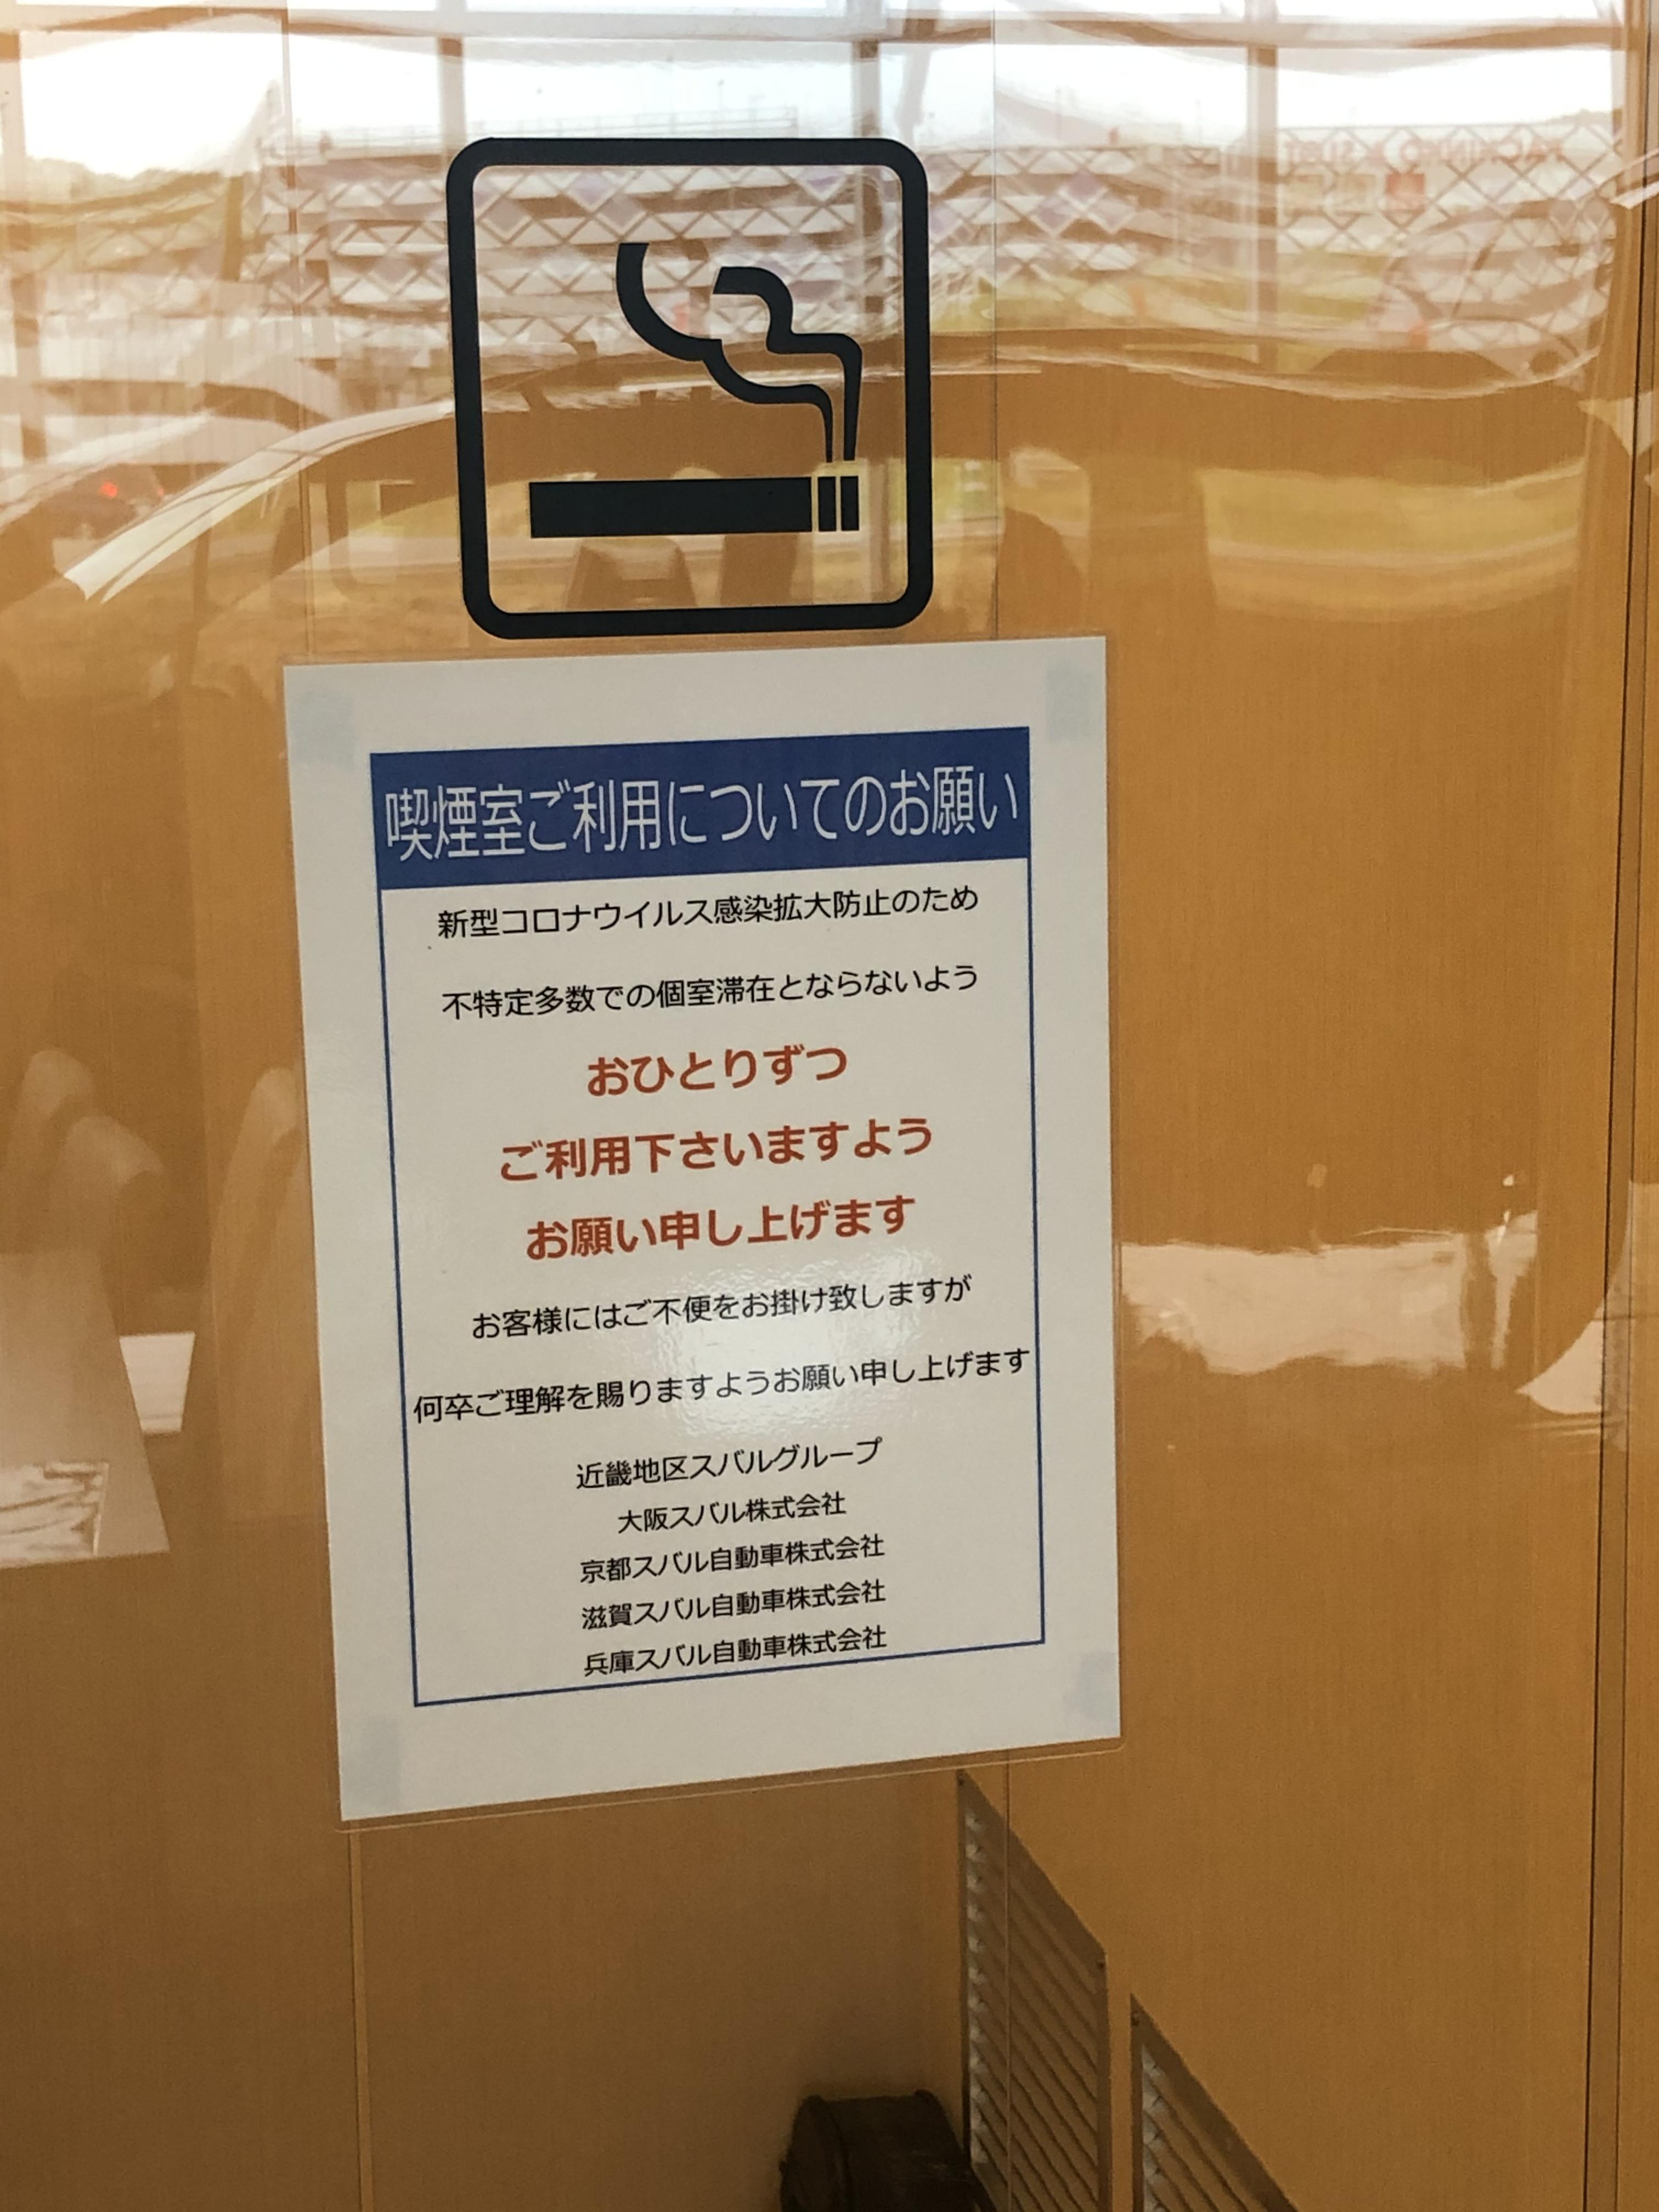 の この 所 近く 喫煙 【MAP付き】川越駅周辺にある無料で利用可能な喫煙所まとめ|マチしる埼玉